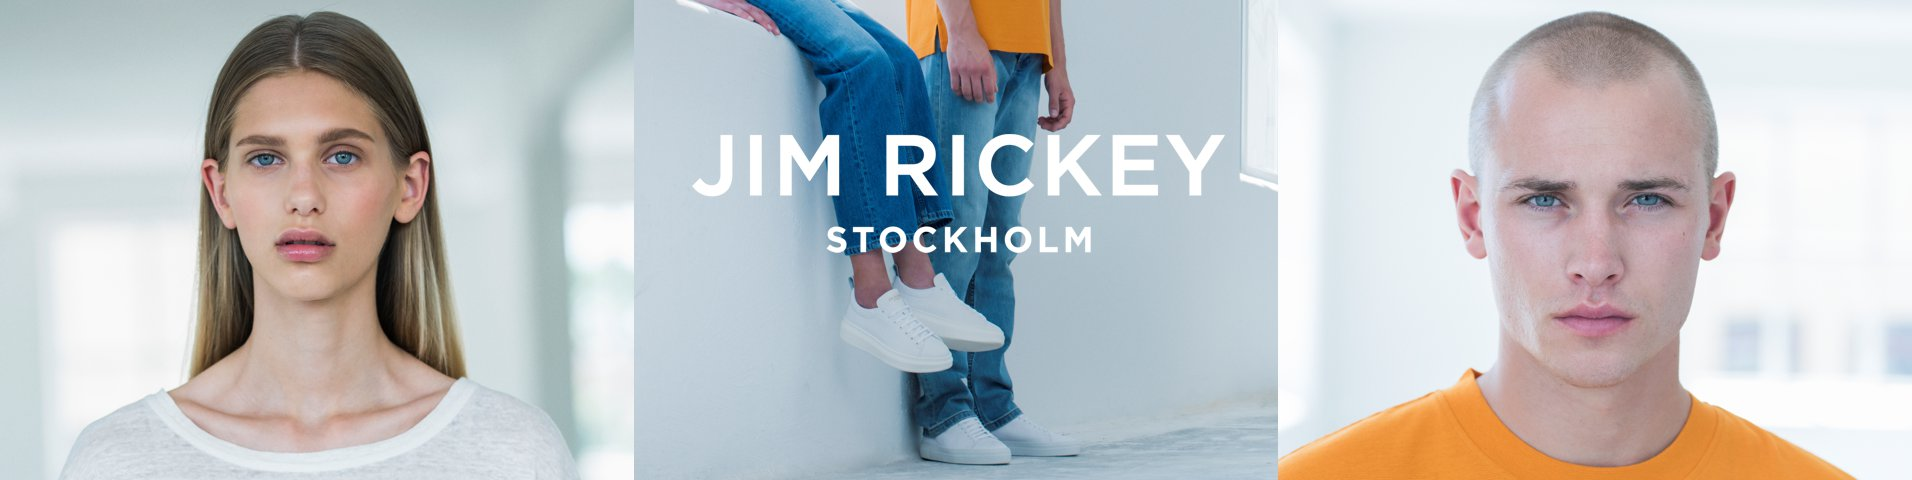 Jim Rickey Schoenen online kopen | Gratis verzending | ZALANDO